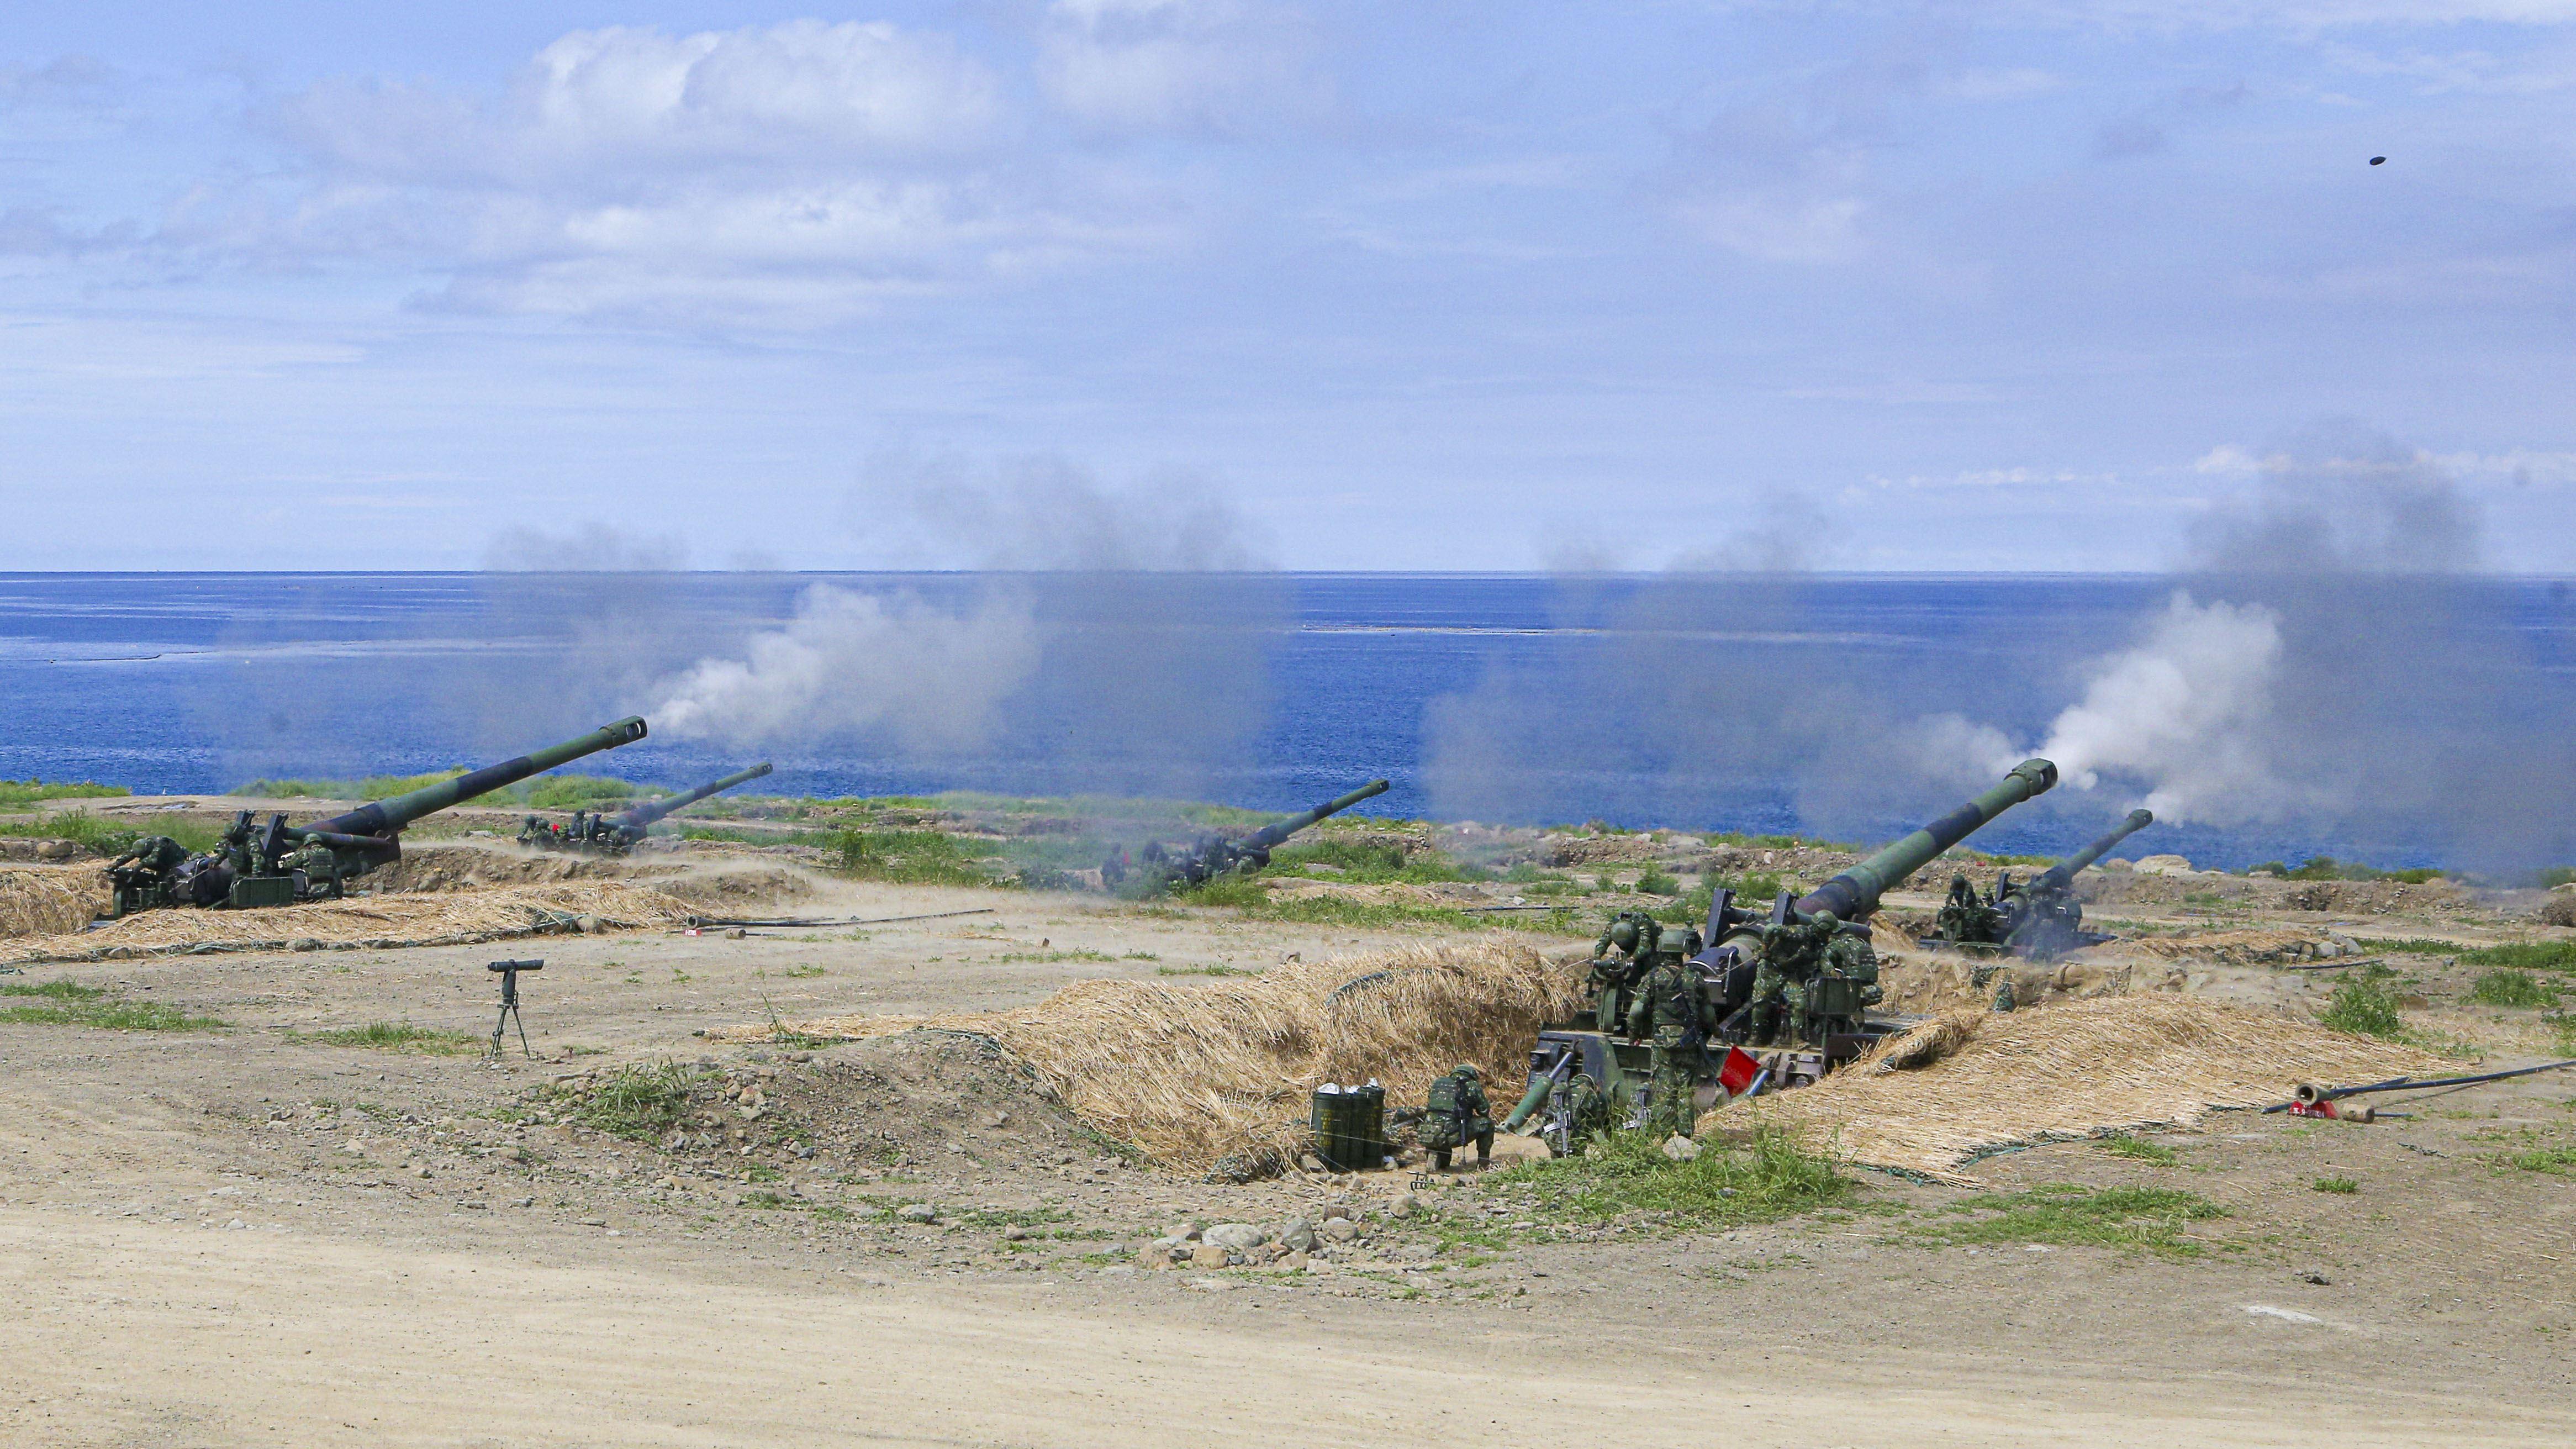 漢光卅五號演習於屏東滿豐射擊場實施,M109A2自走砲。〔記者林士傑/屏東拍攝〕